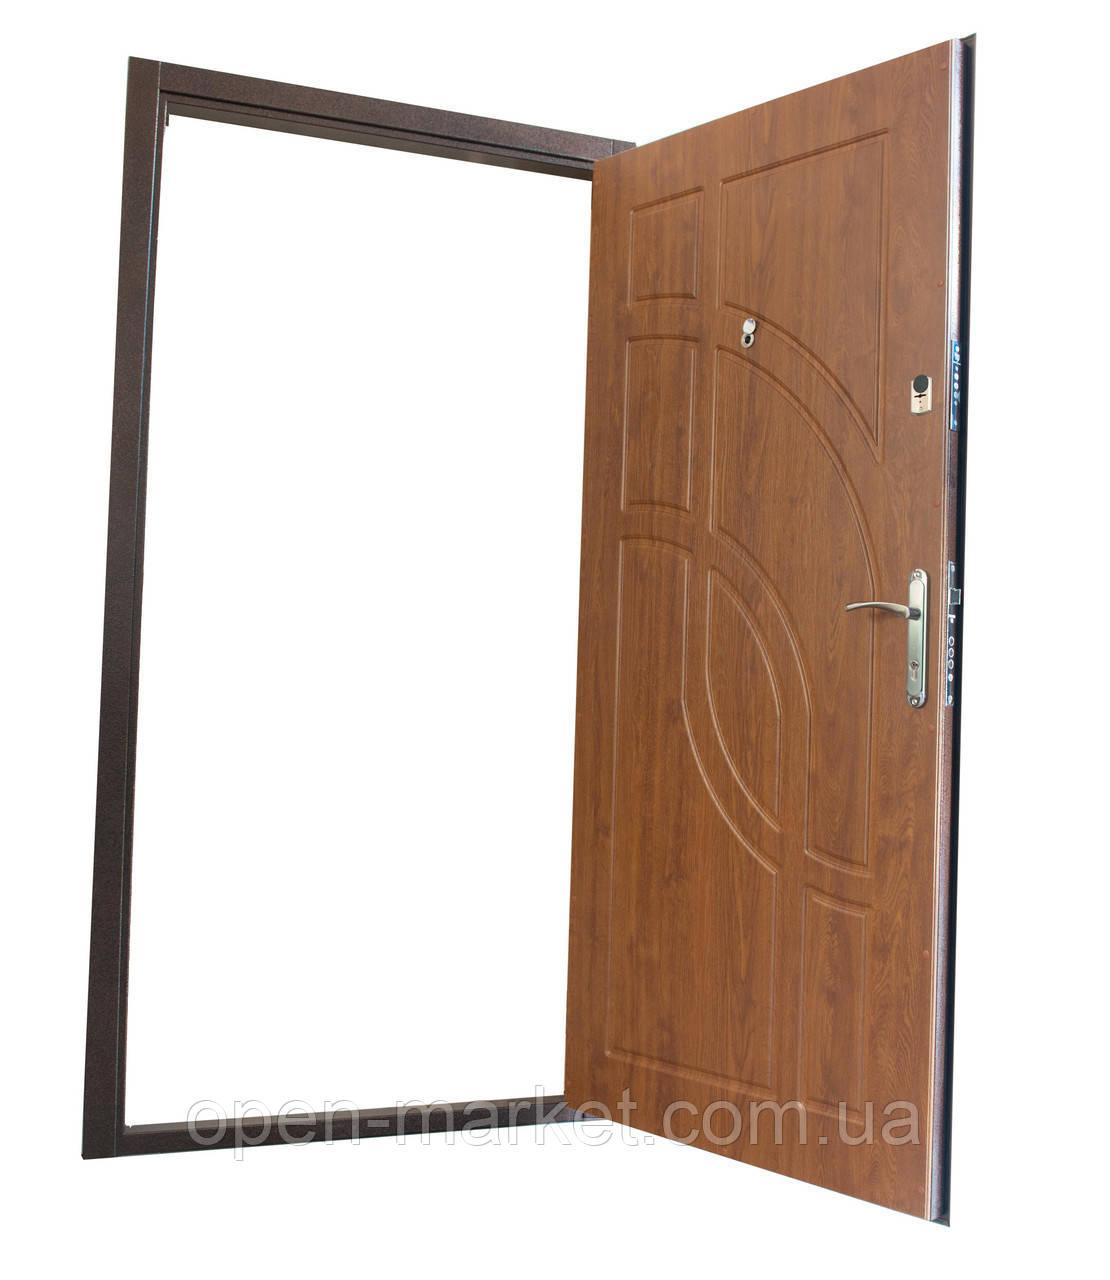 Двери уличные Парутино Николаевская область